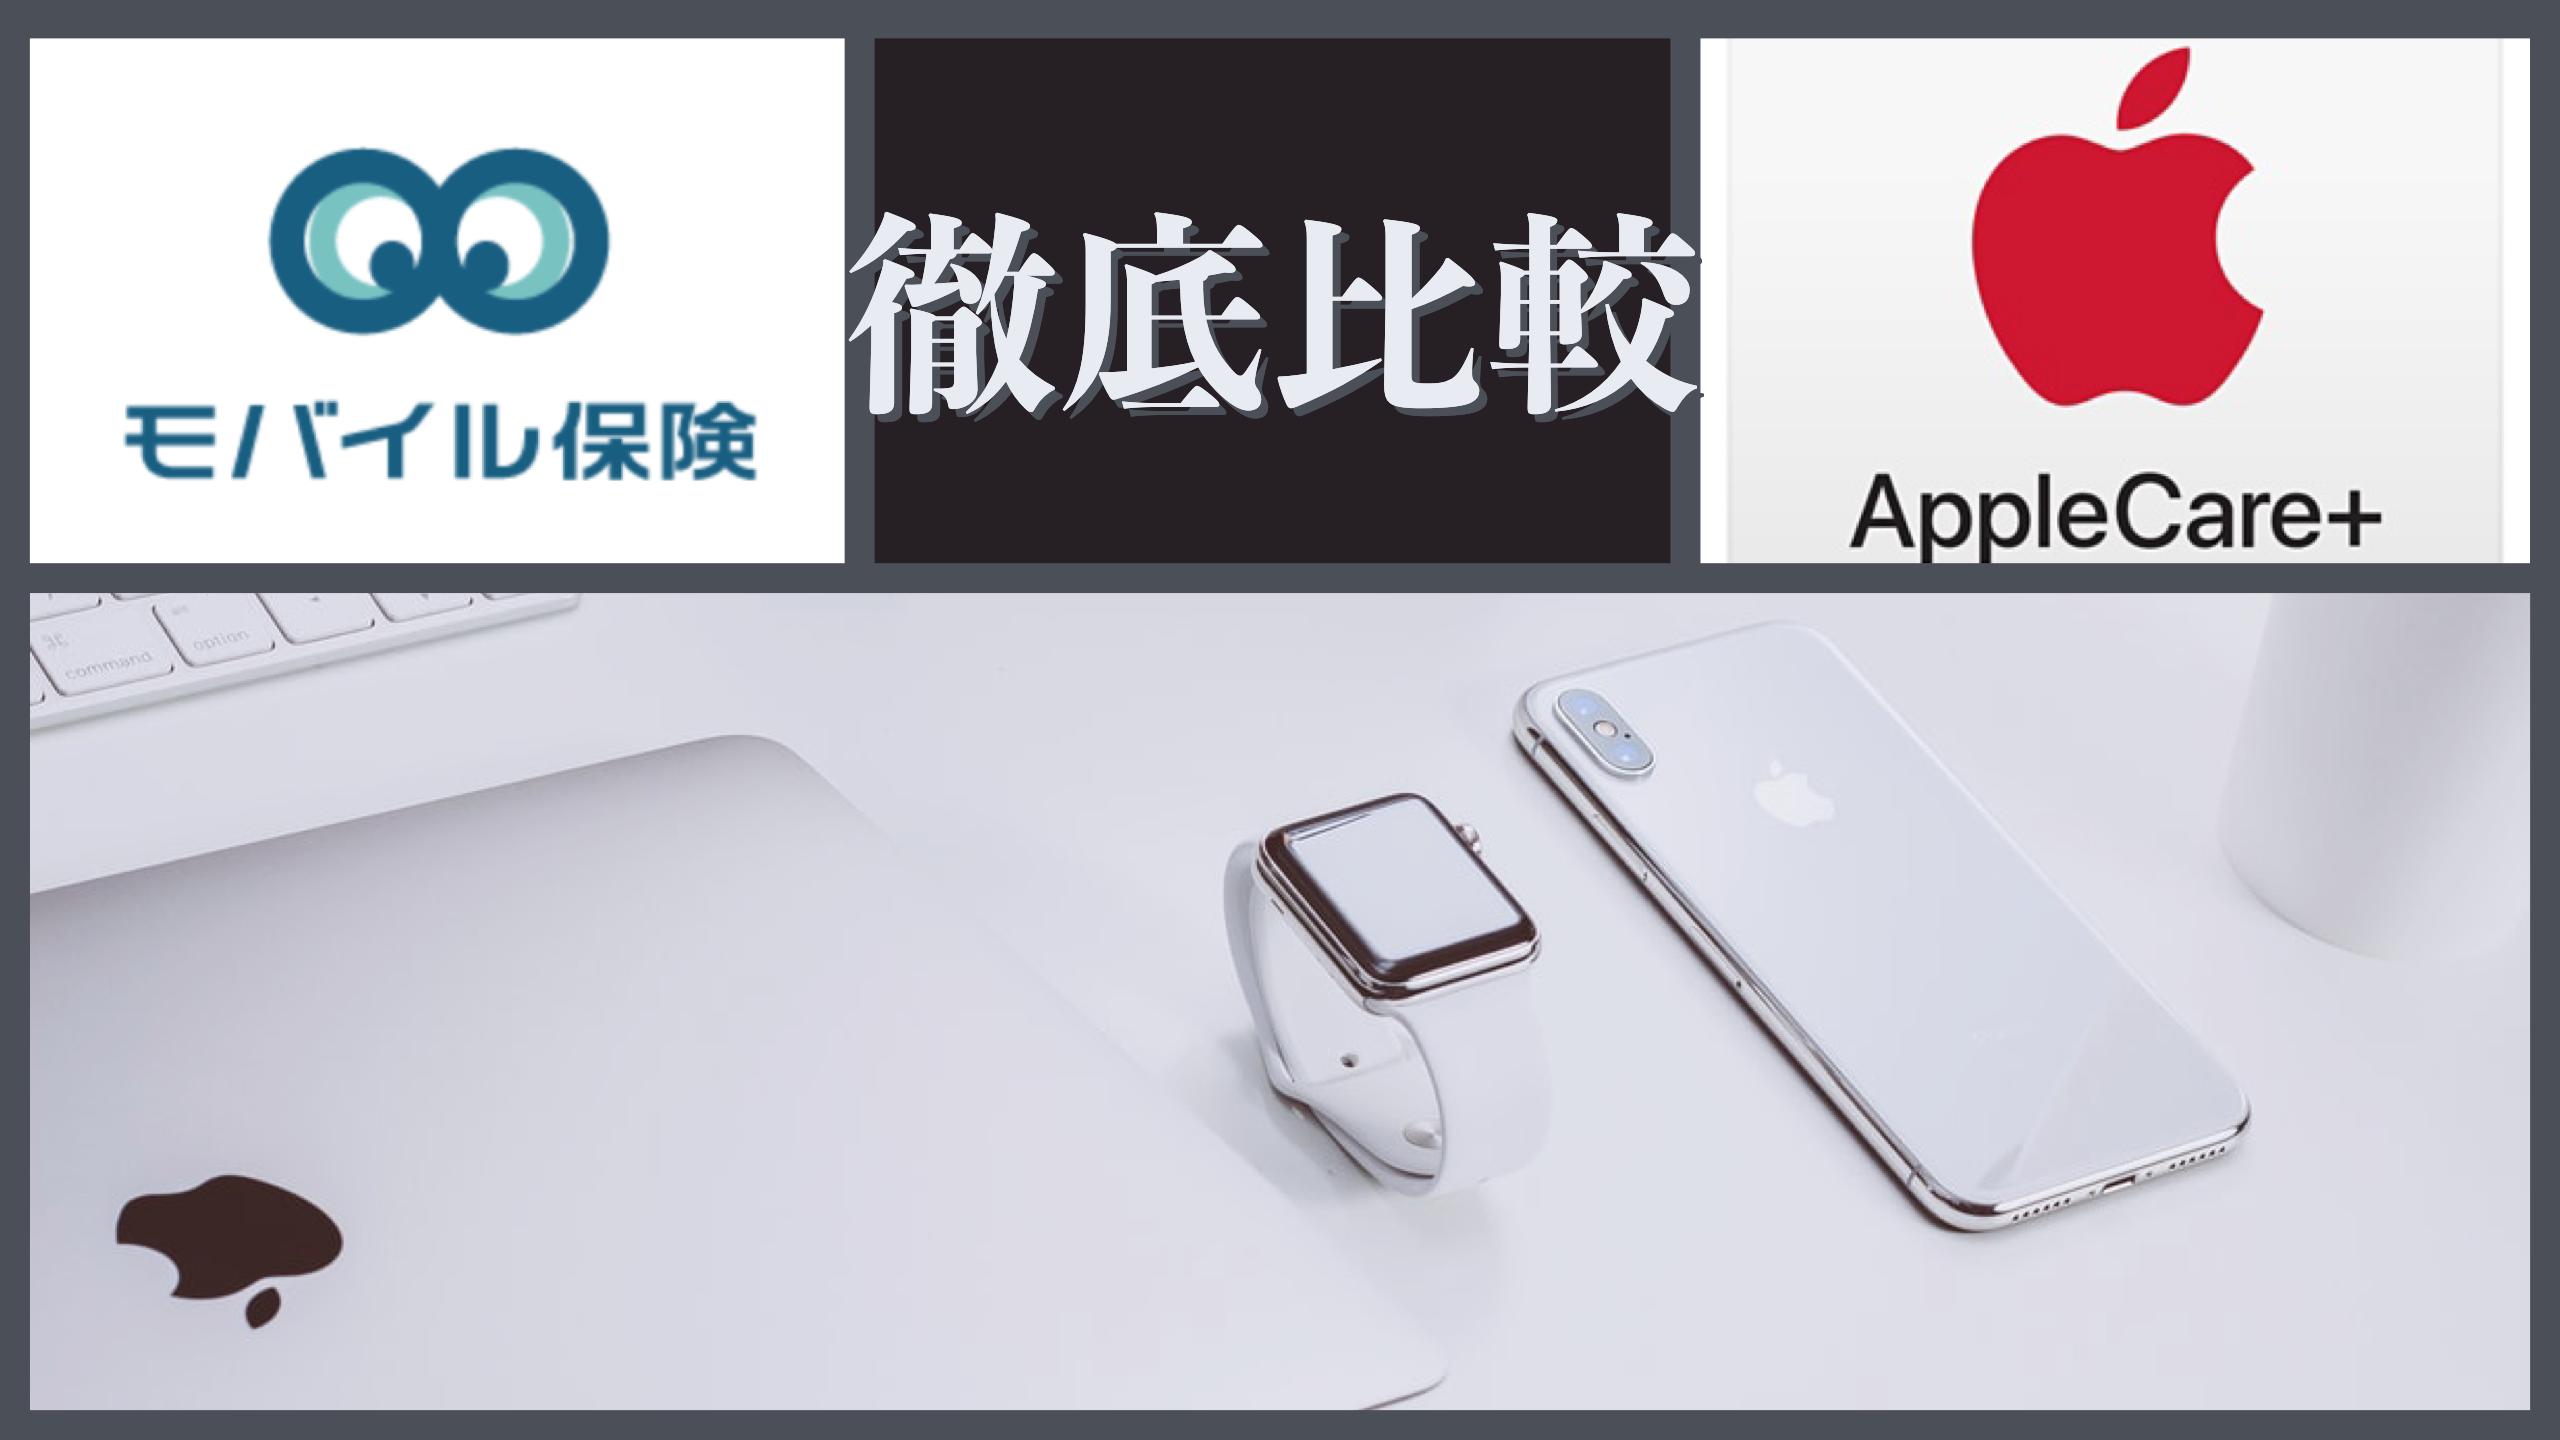 モバイル保険のメリットや口コミ・評判は?Apple Care+とどっちがお得か徹底比較!